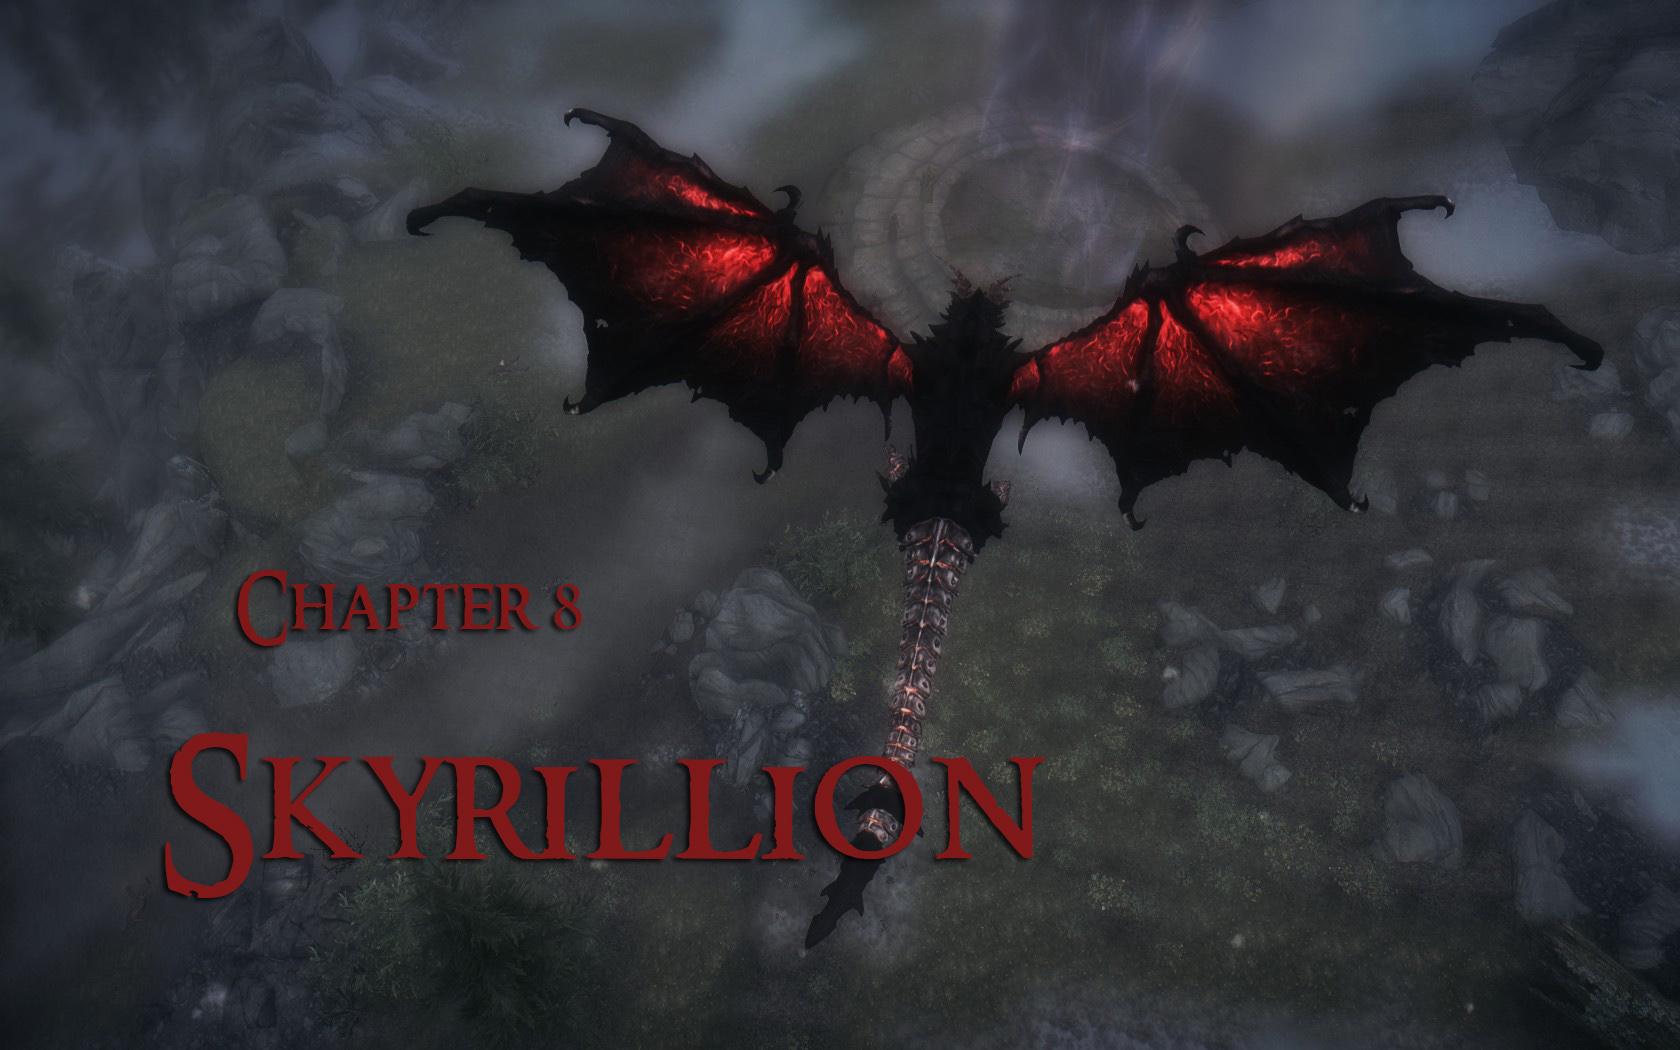 Скайриллион - глава 8